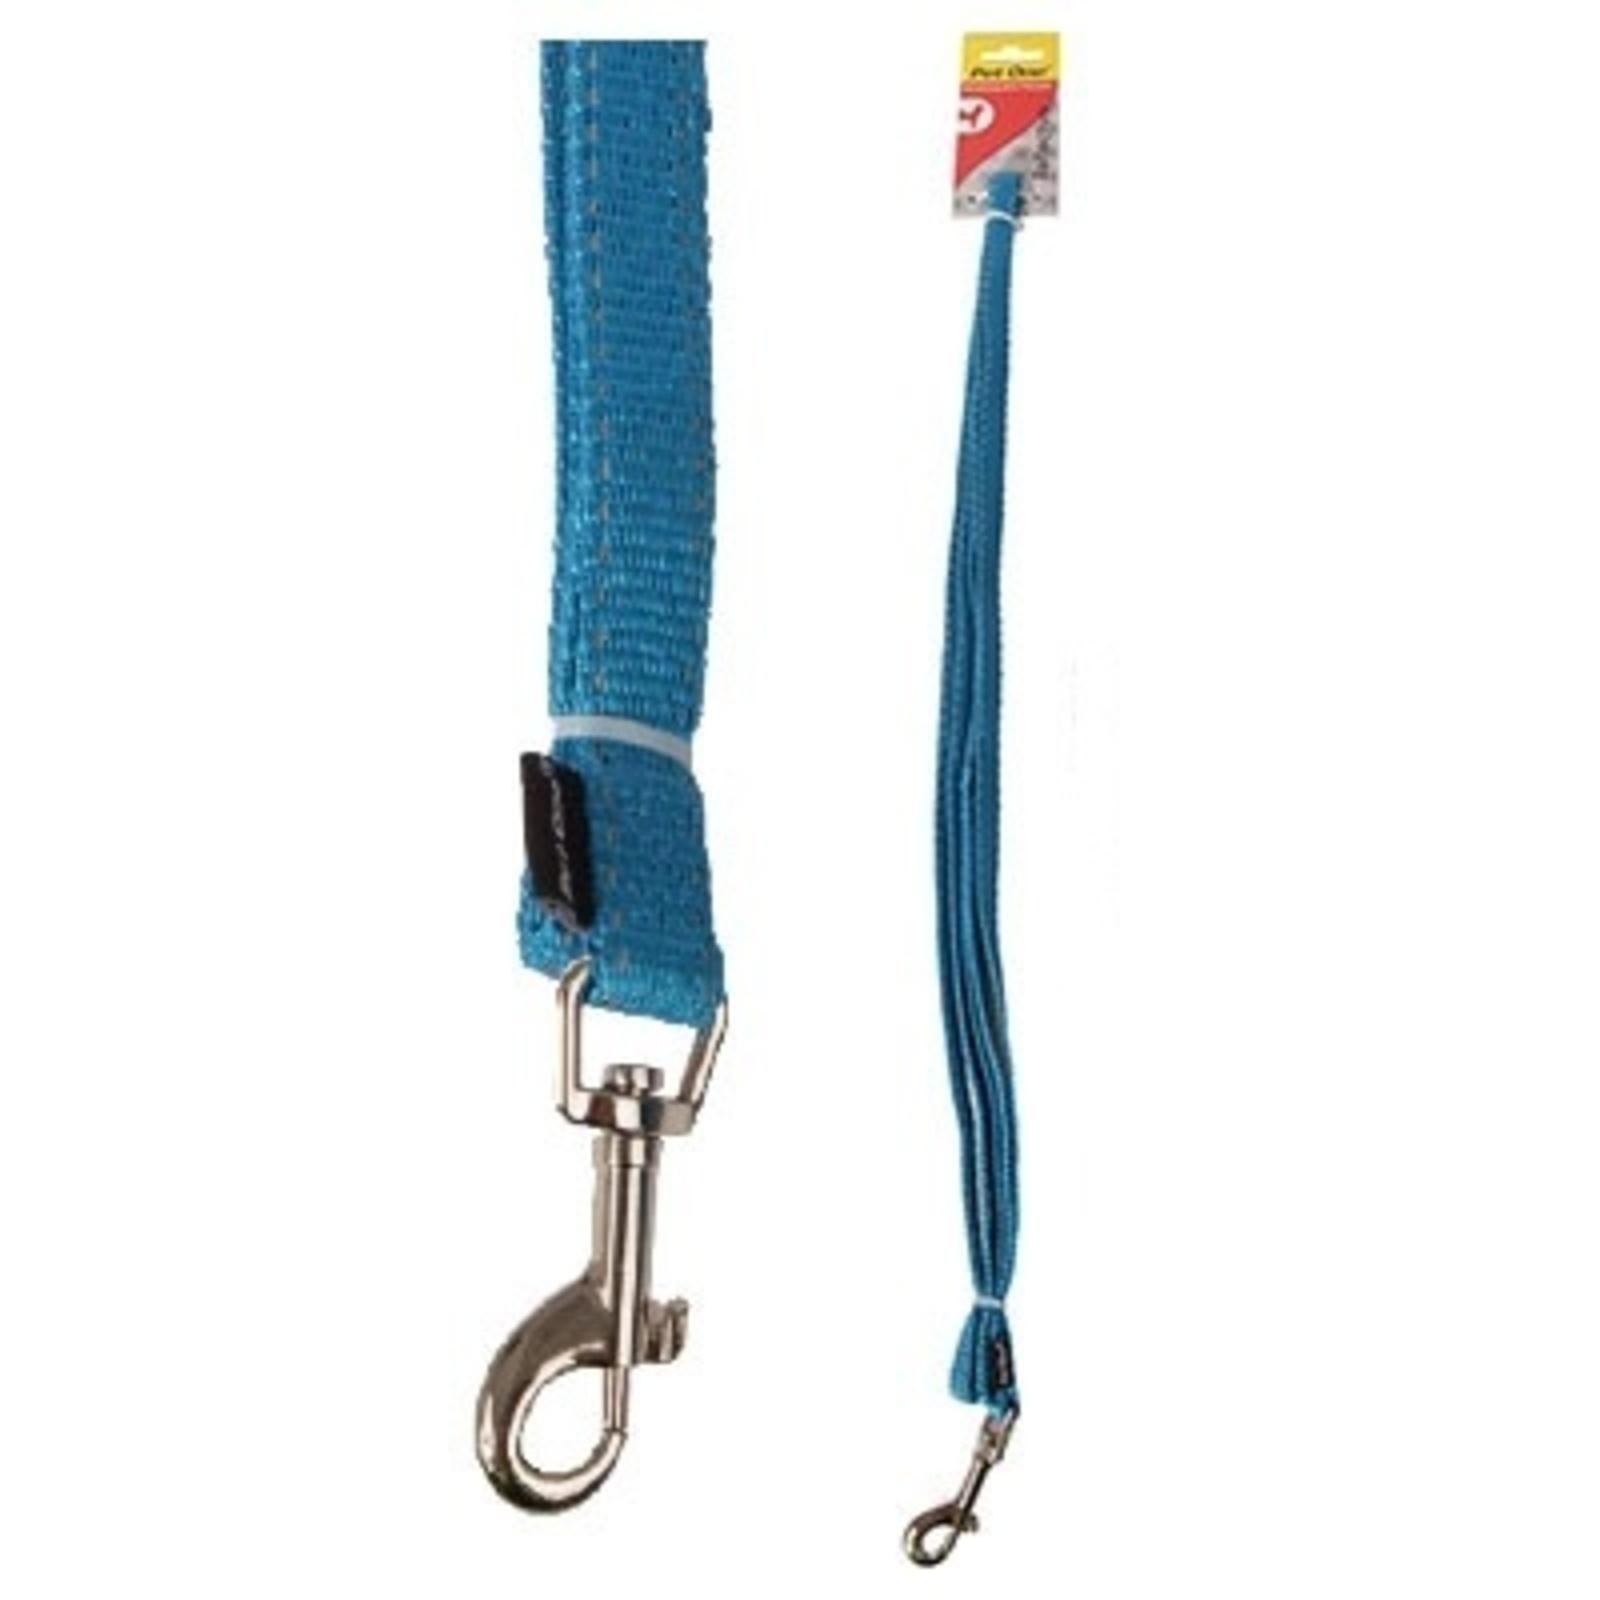 Dog Leash Lead Reflective Nylon - Aqua - 20mm x 150cm (Pet One)